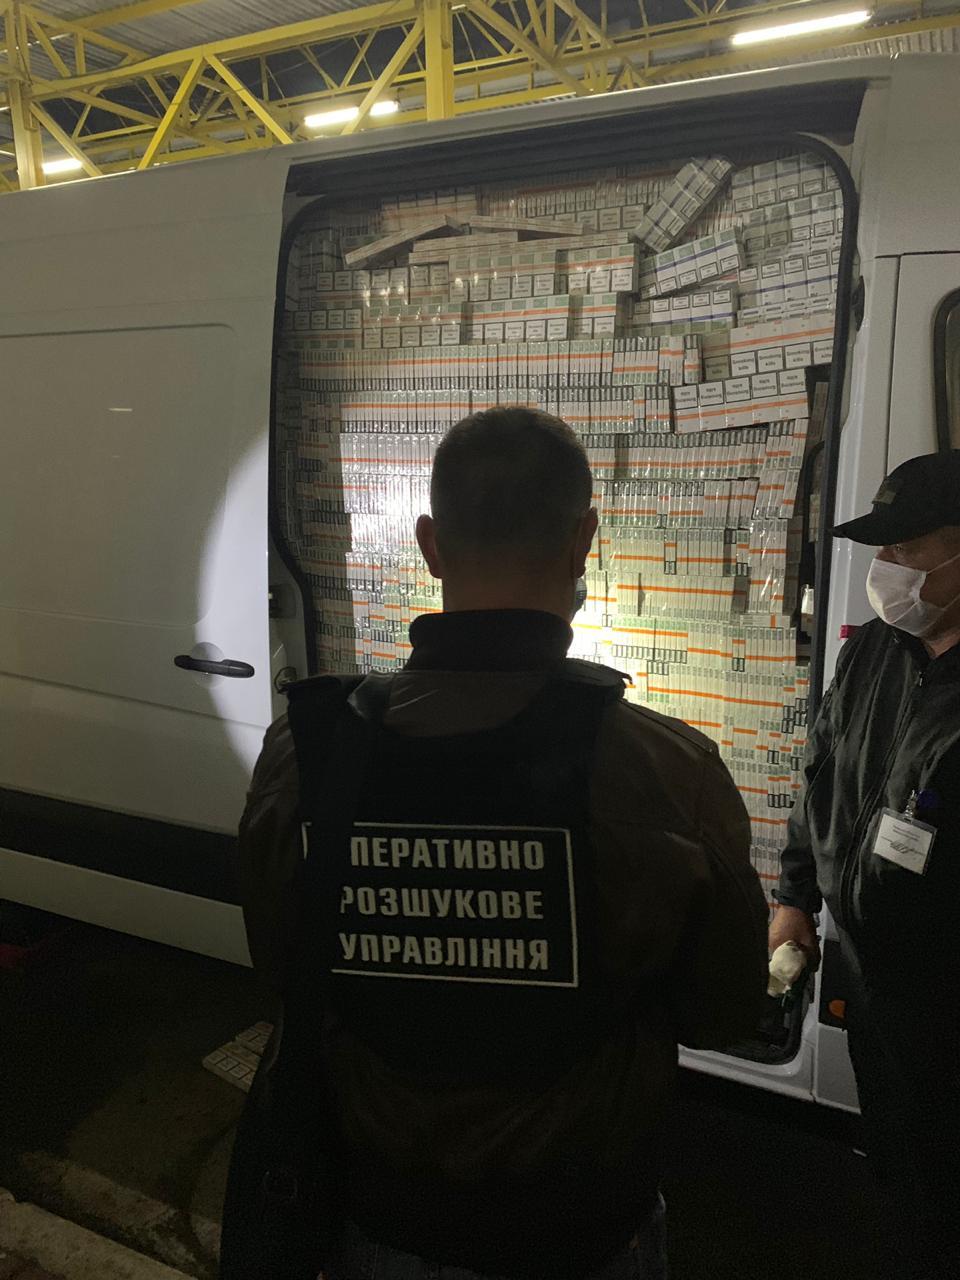 Псевдодипломат намагався «проскочити» кордон з повним мікроавтобусом сигарет.